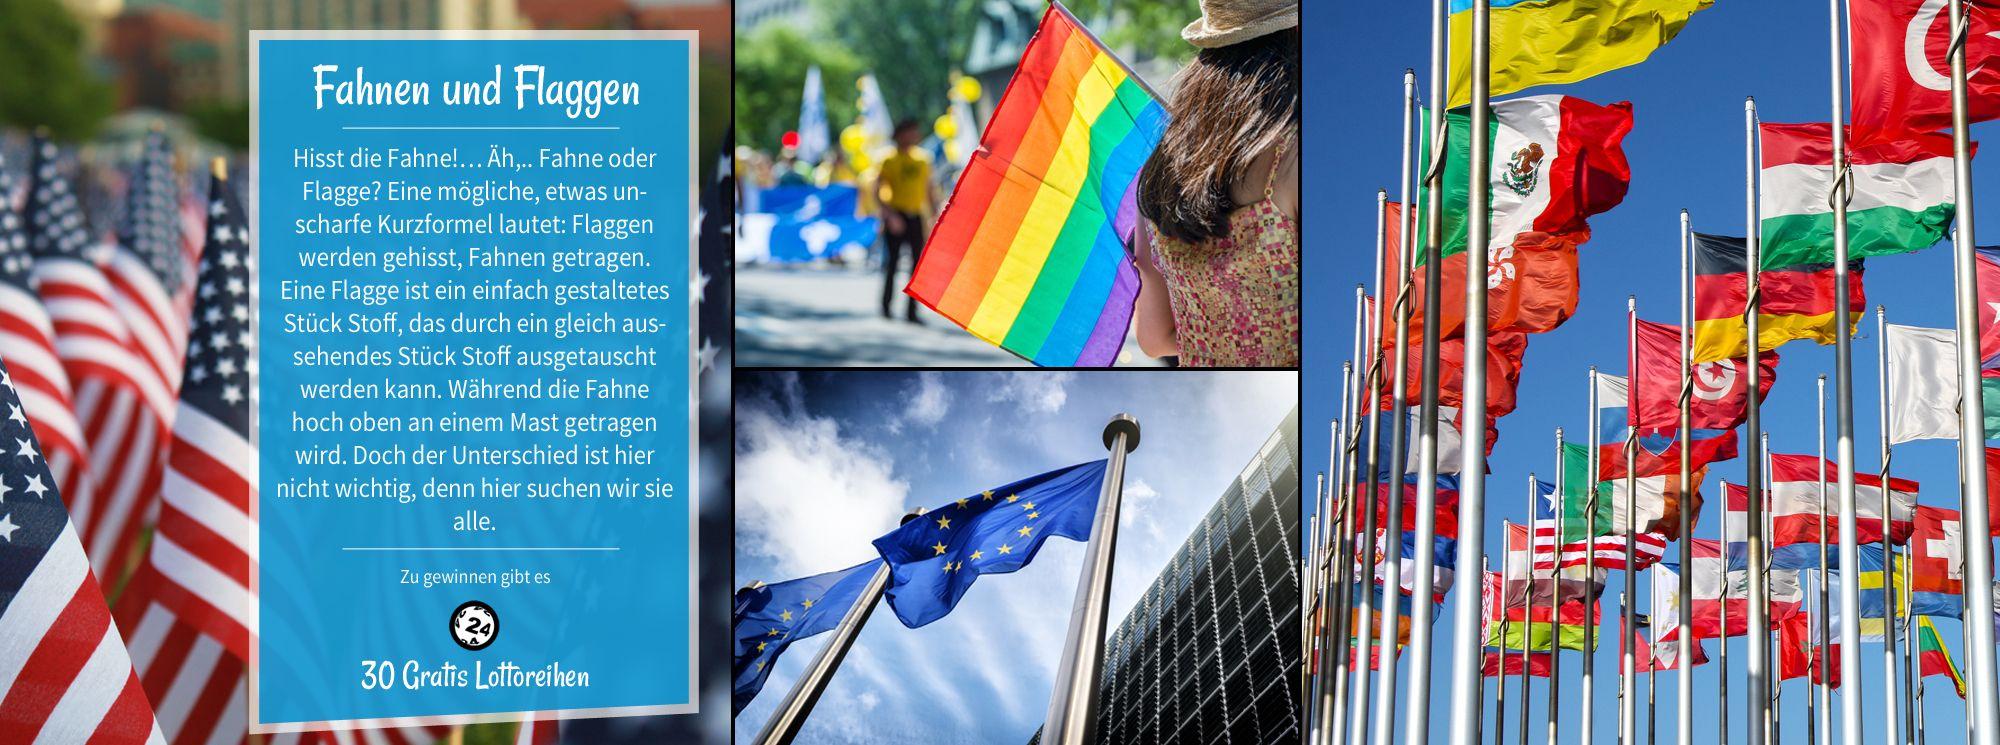 Pin Auf Dobild Bildaktionen verwandt mit Unterschied Fahne Flagge